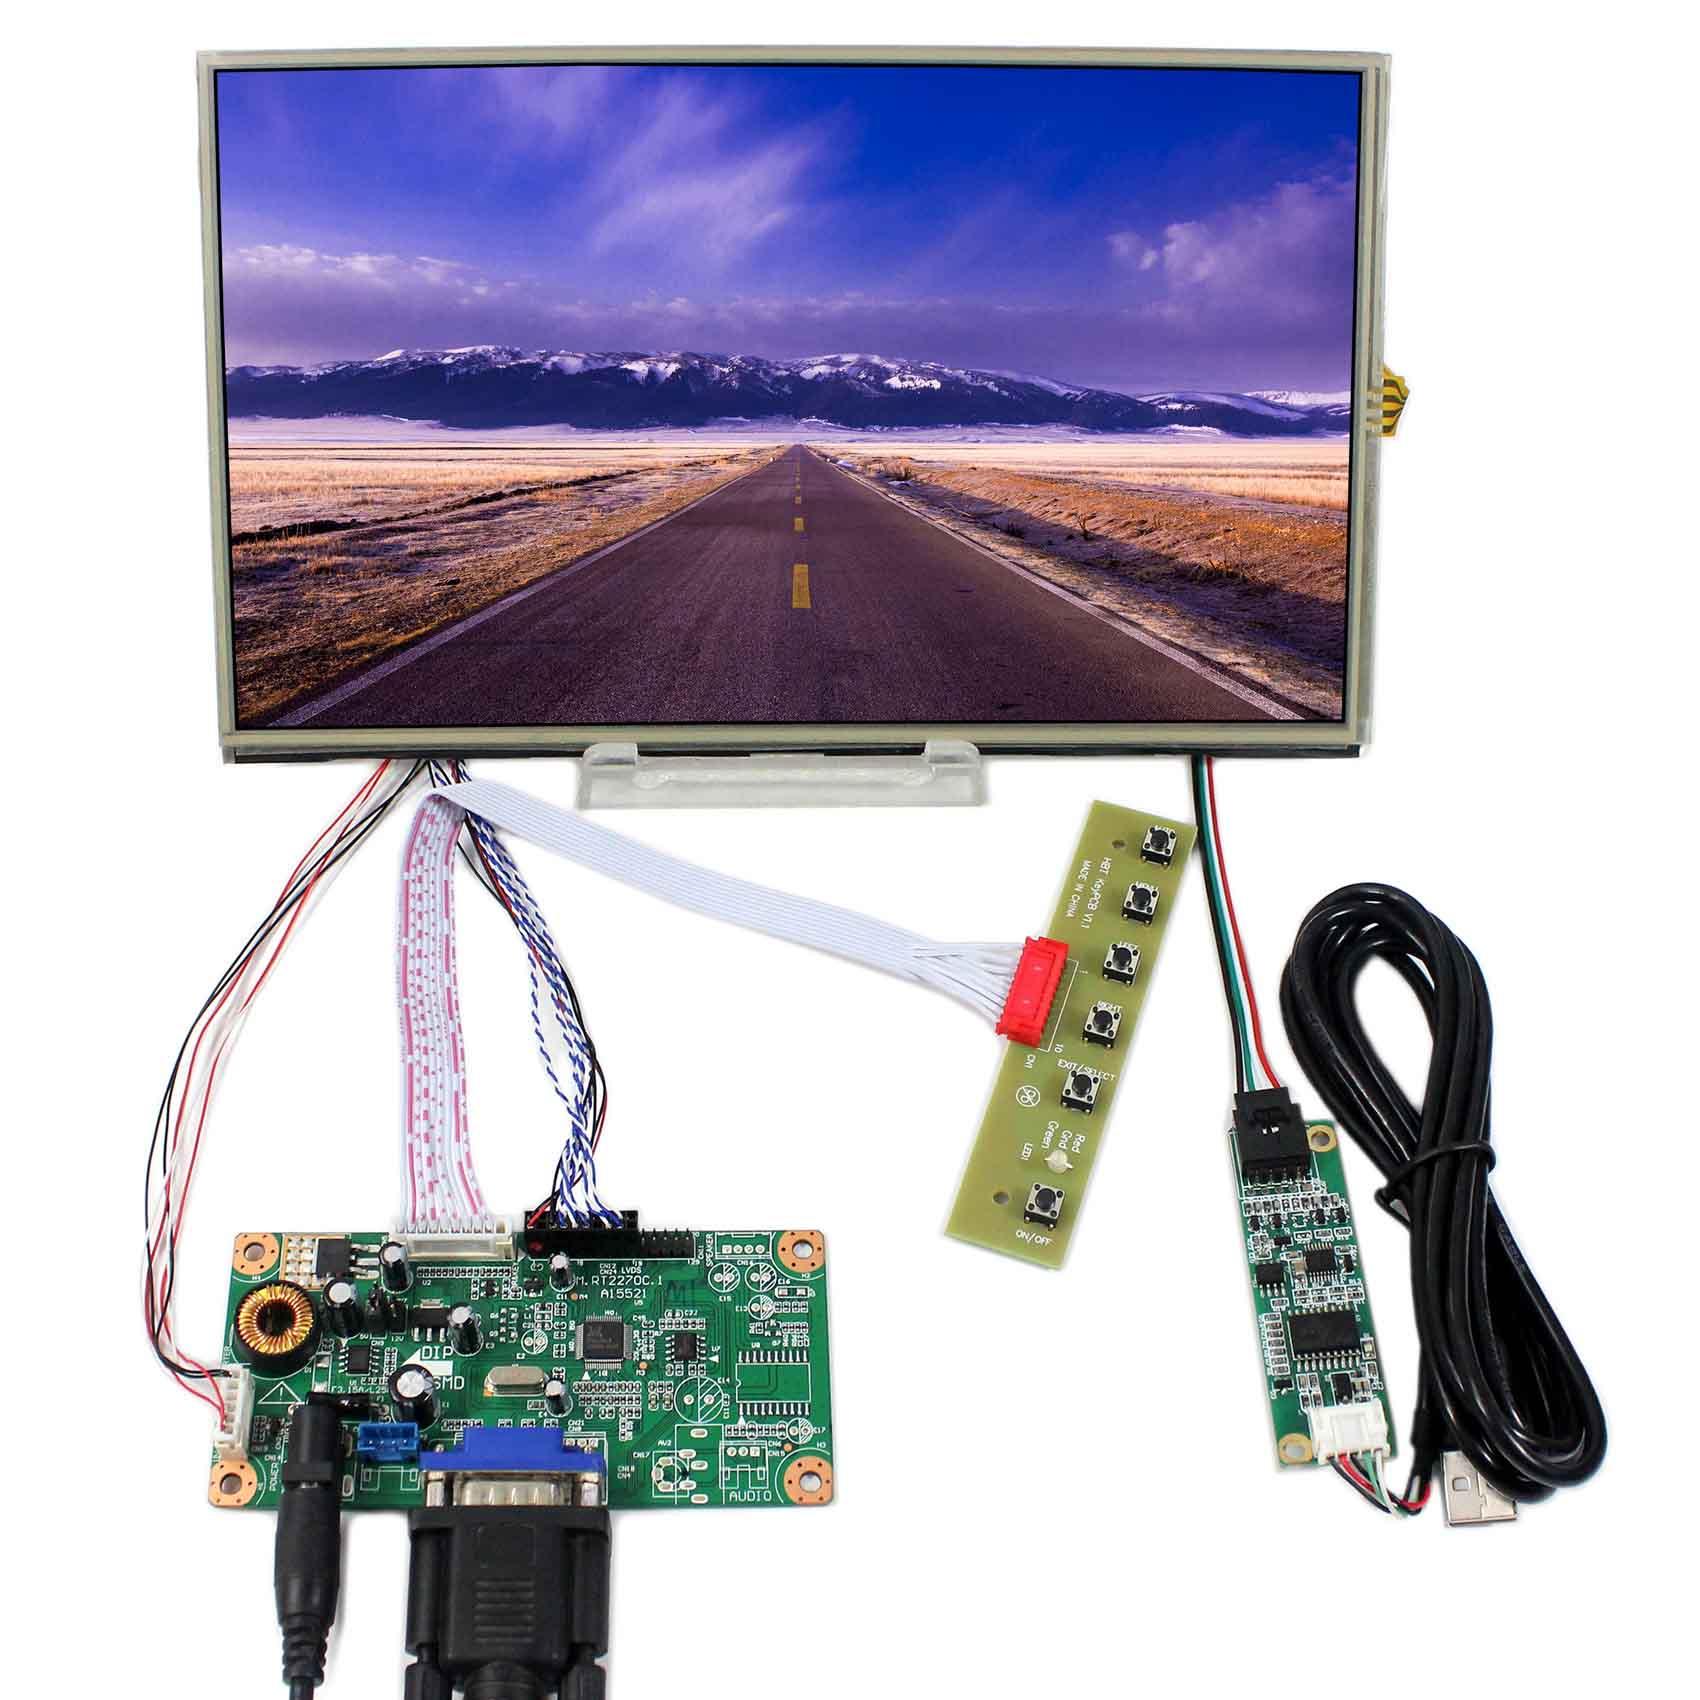 10.1inch B101XAN01 1366x768 Resistive Touch LCD Screen VS101TP-A2+VGA LCD Controller Board RT2270C-A vga lcd controller board rt2270c 8 4inch 640x480 aa084vc03 lcd screen